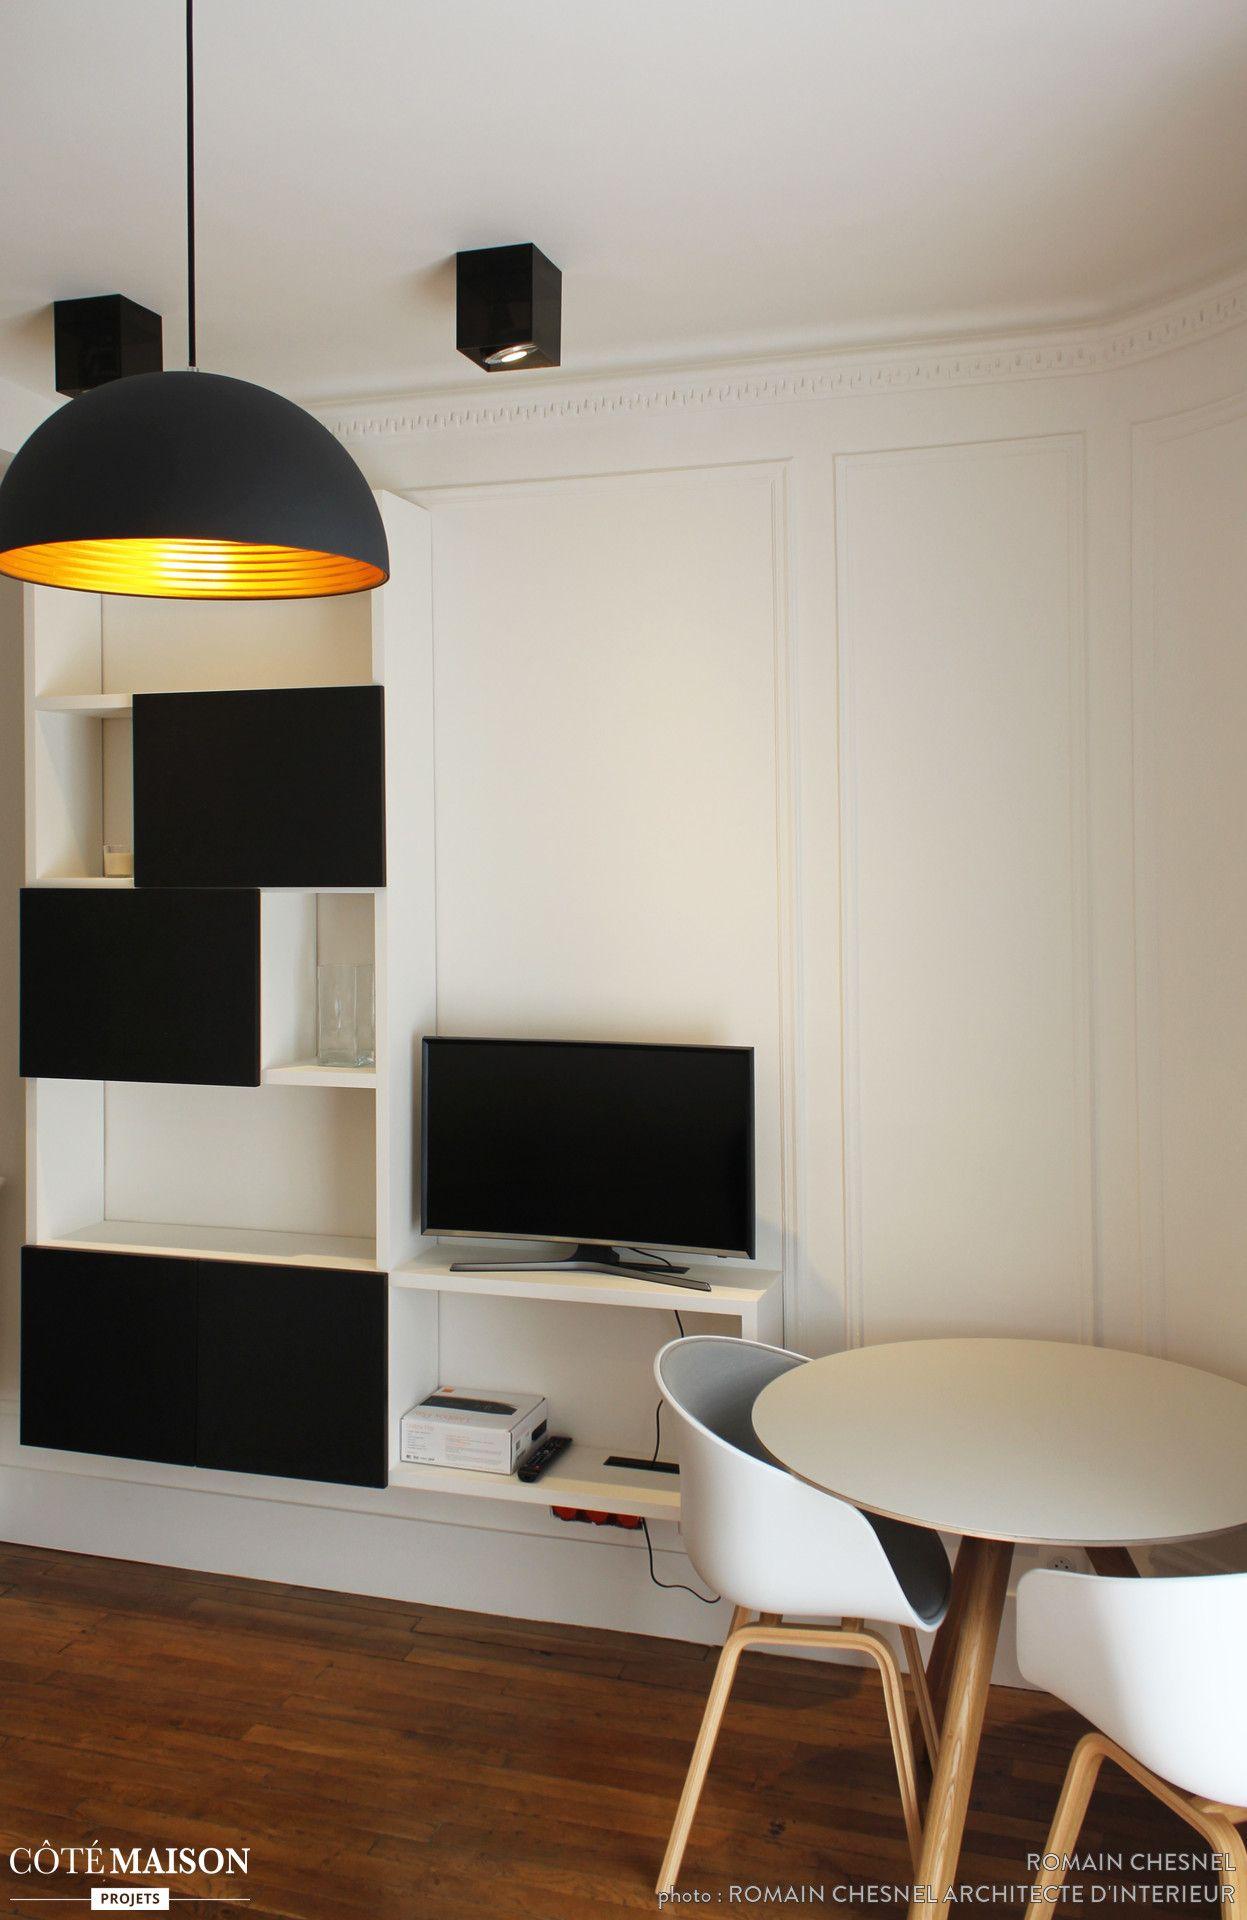 Design Scandinave Et Couleurs Neutres Studio Petit Appartement  # Couleurs Meubles Scandinaves